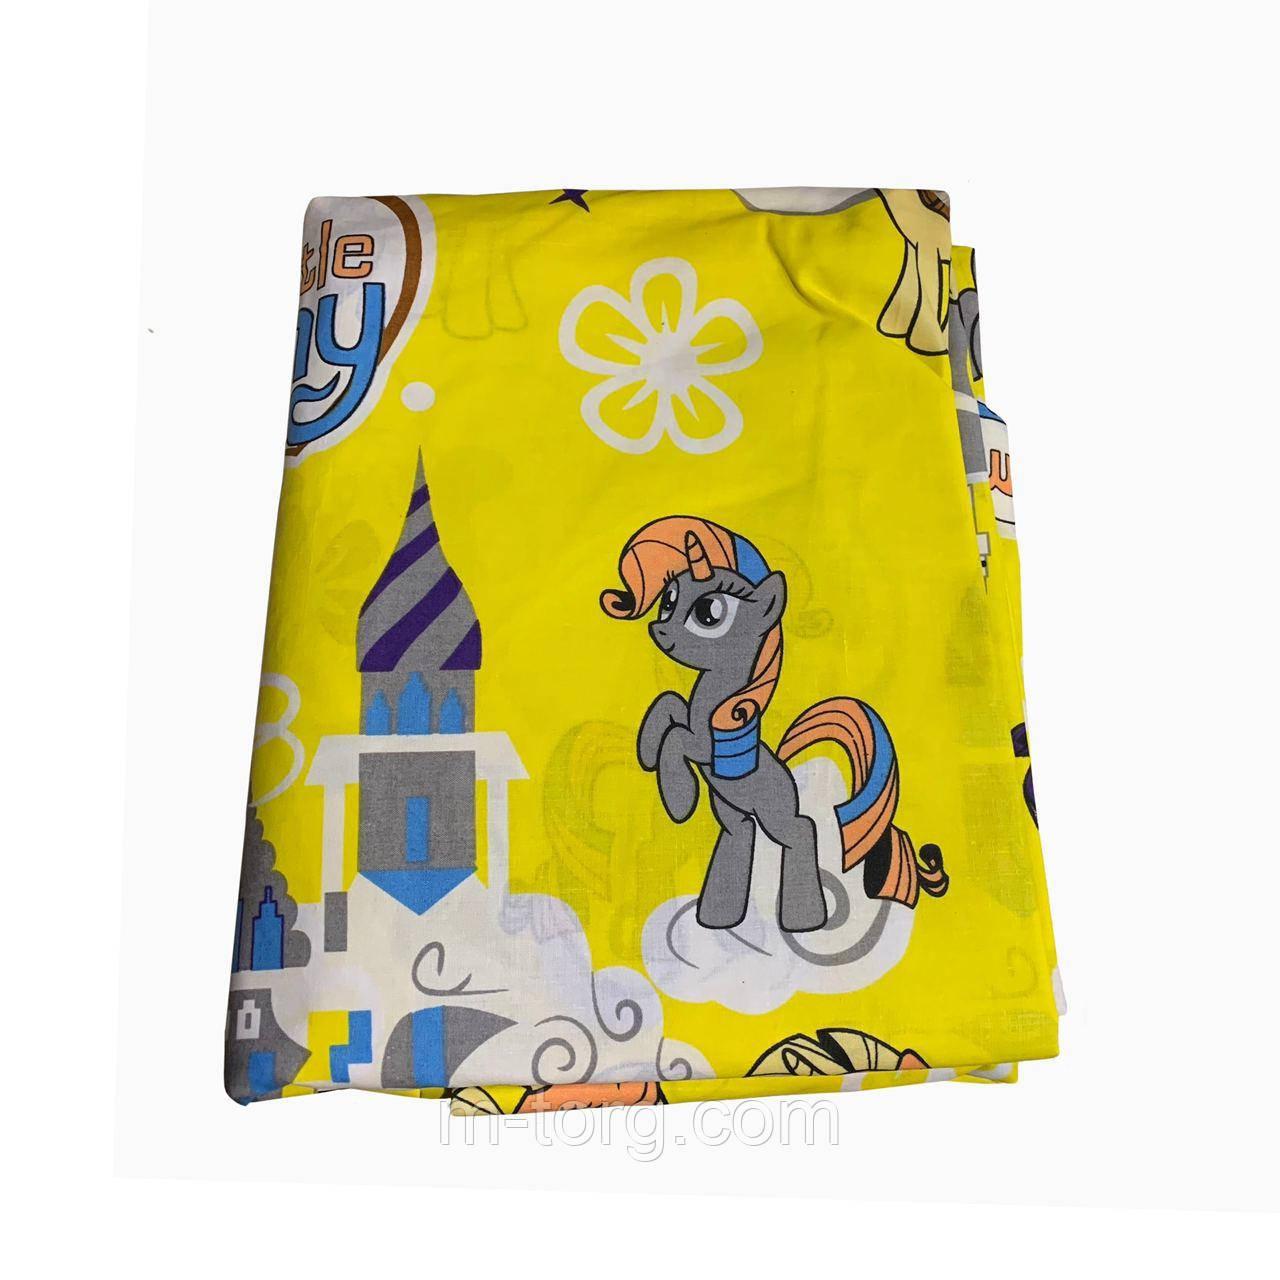 Комплект постільної білизни полуторний 150/220 з дитячим малюнком,одна нав-ка 70/70,тканина сатин 100% бавовна